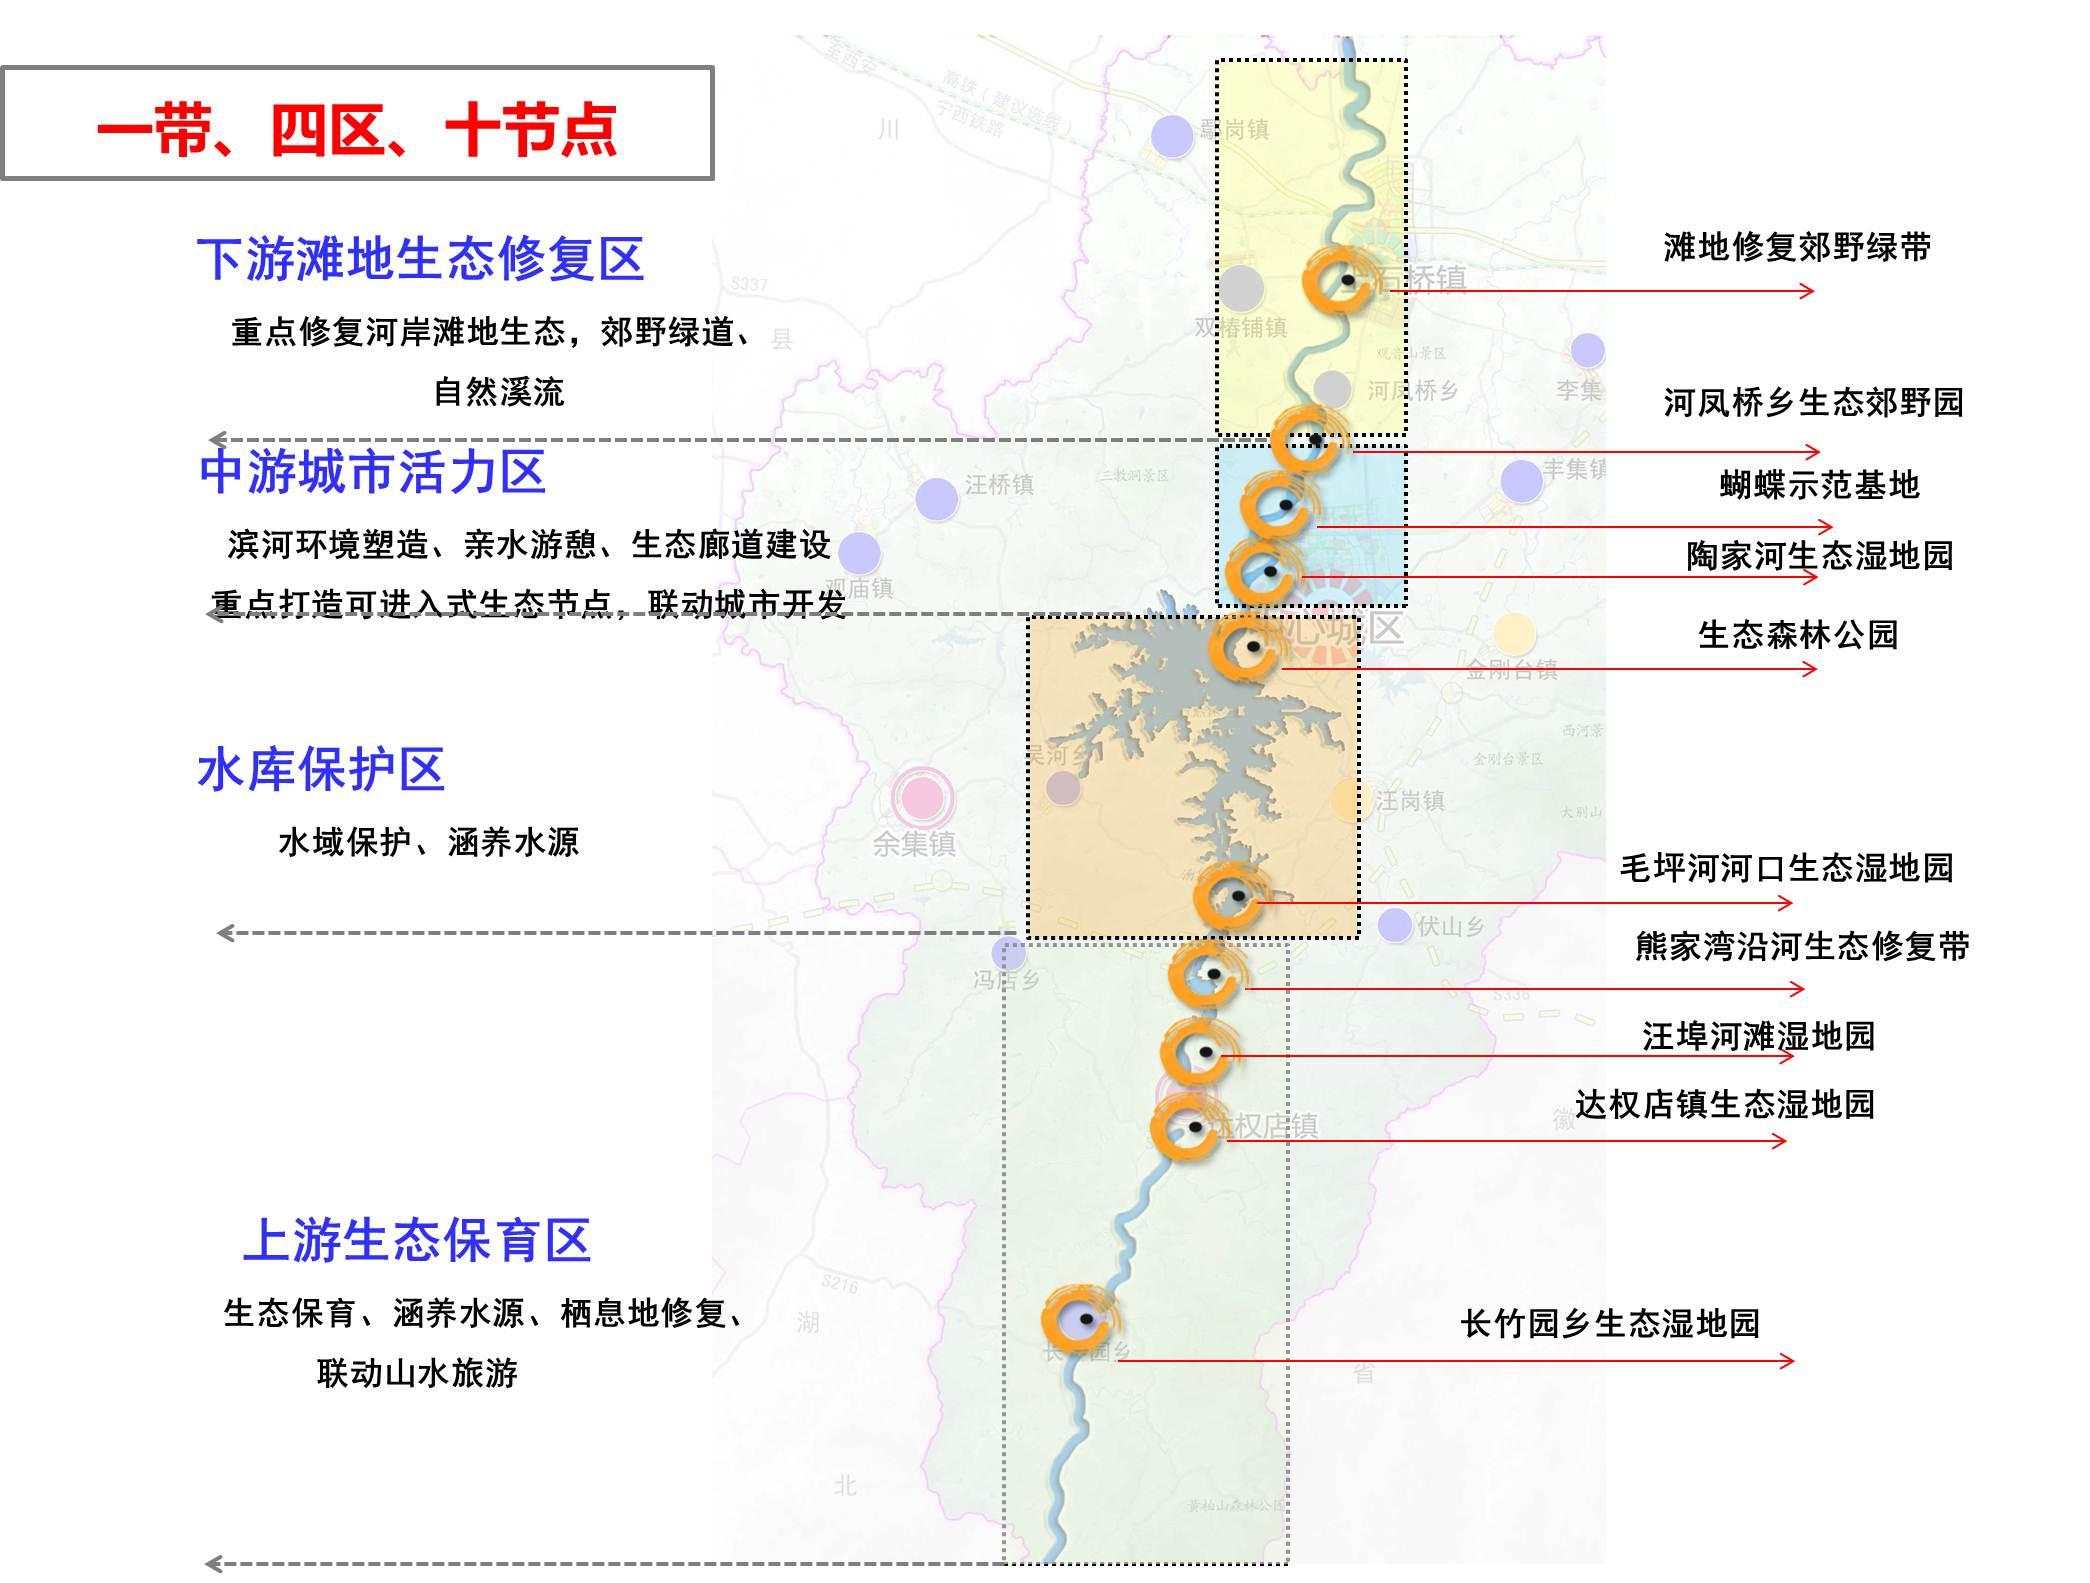 商城县灌河生态治理工程